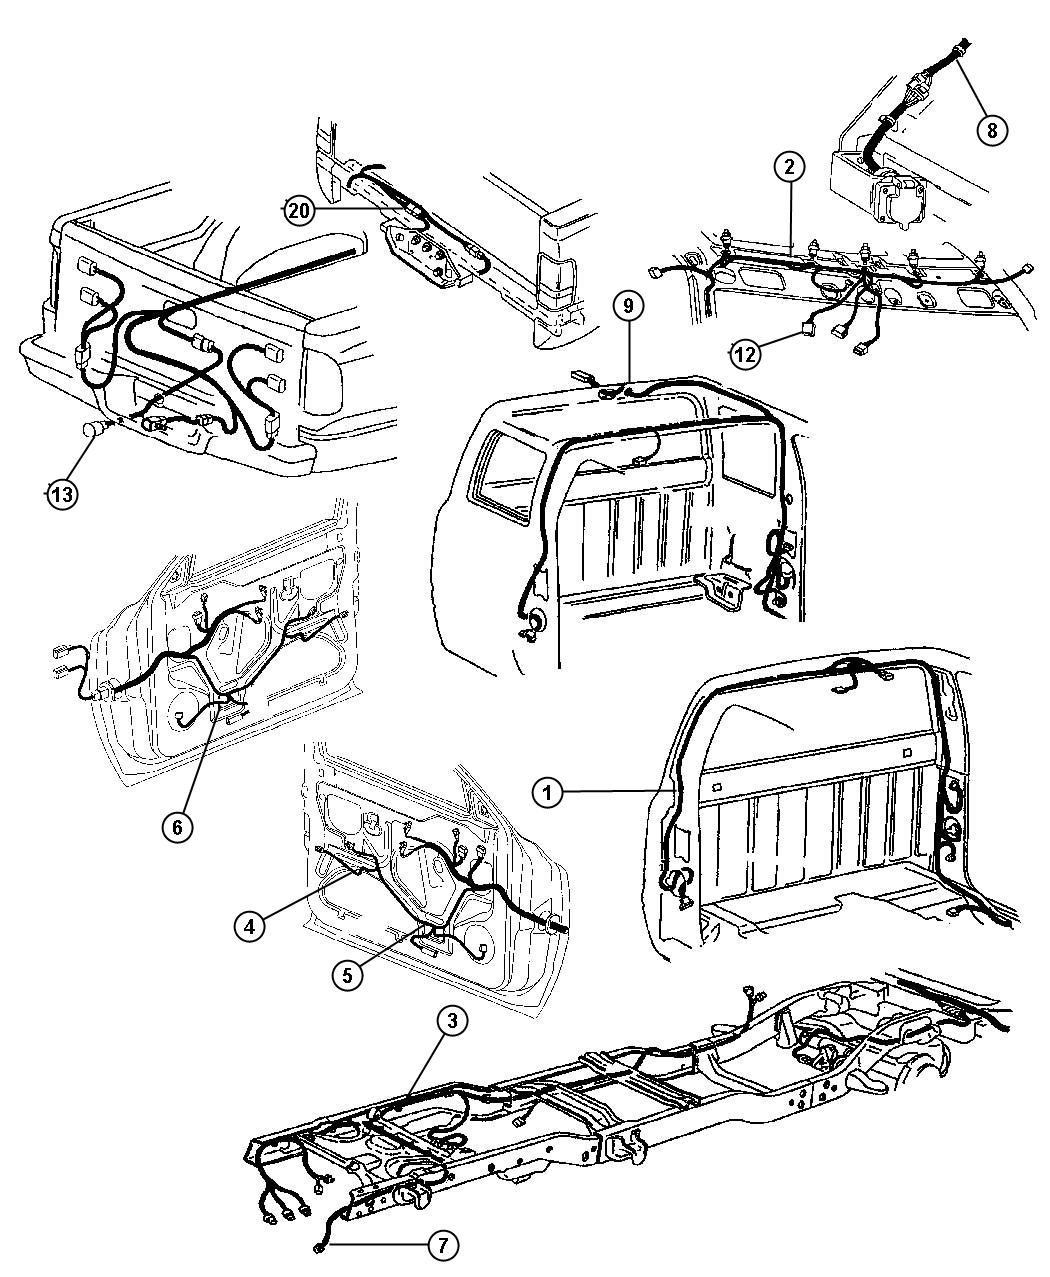 2001 Dodge Ram 2500 Wiring, Body & Accessories